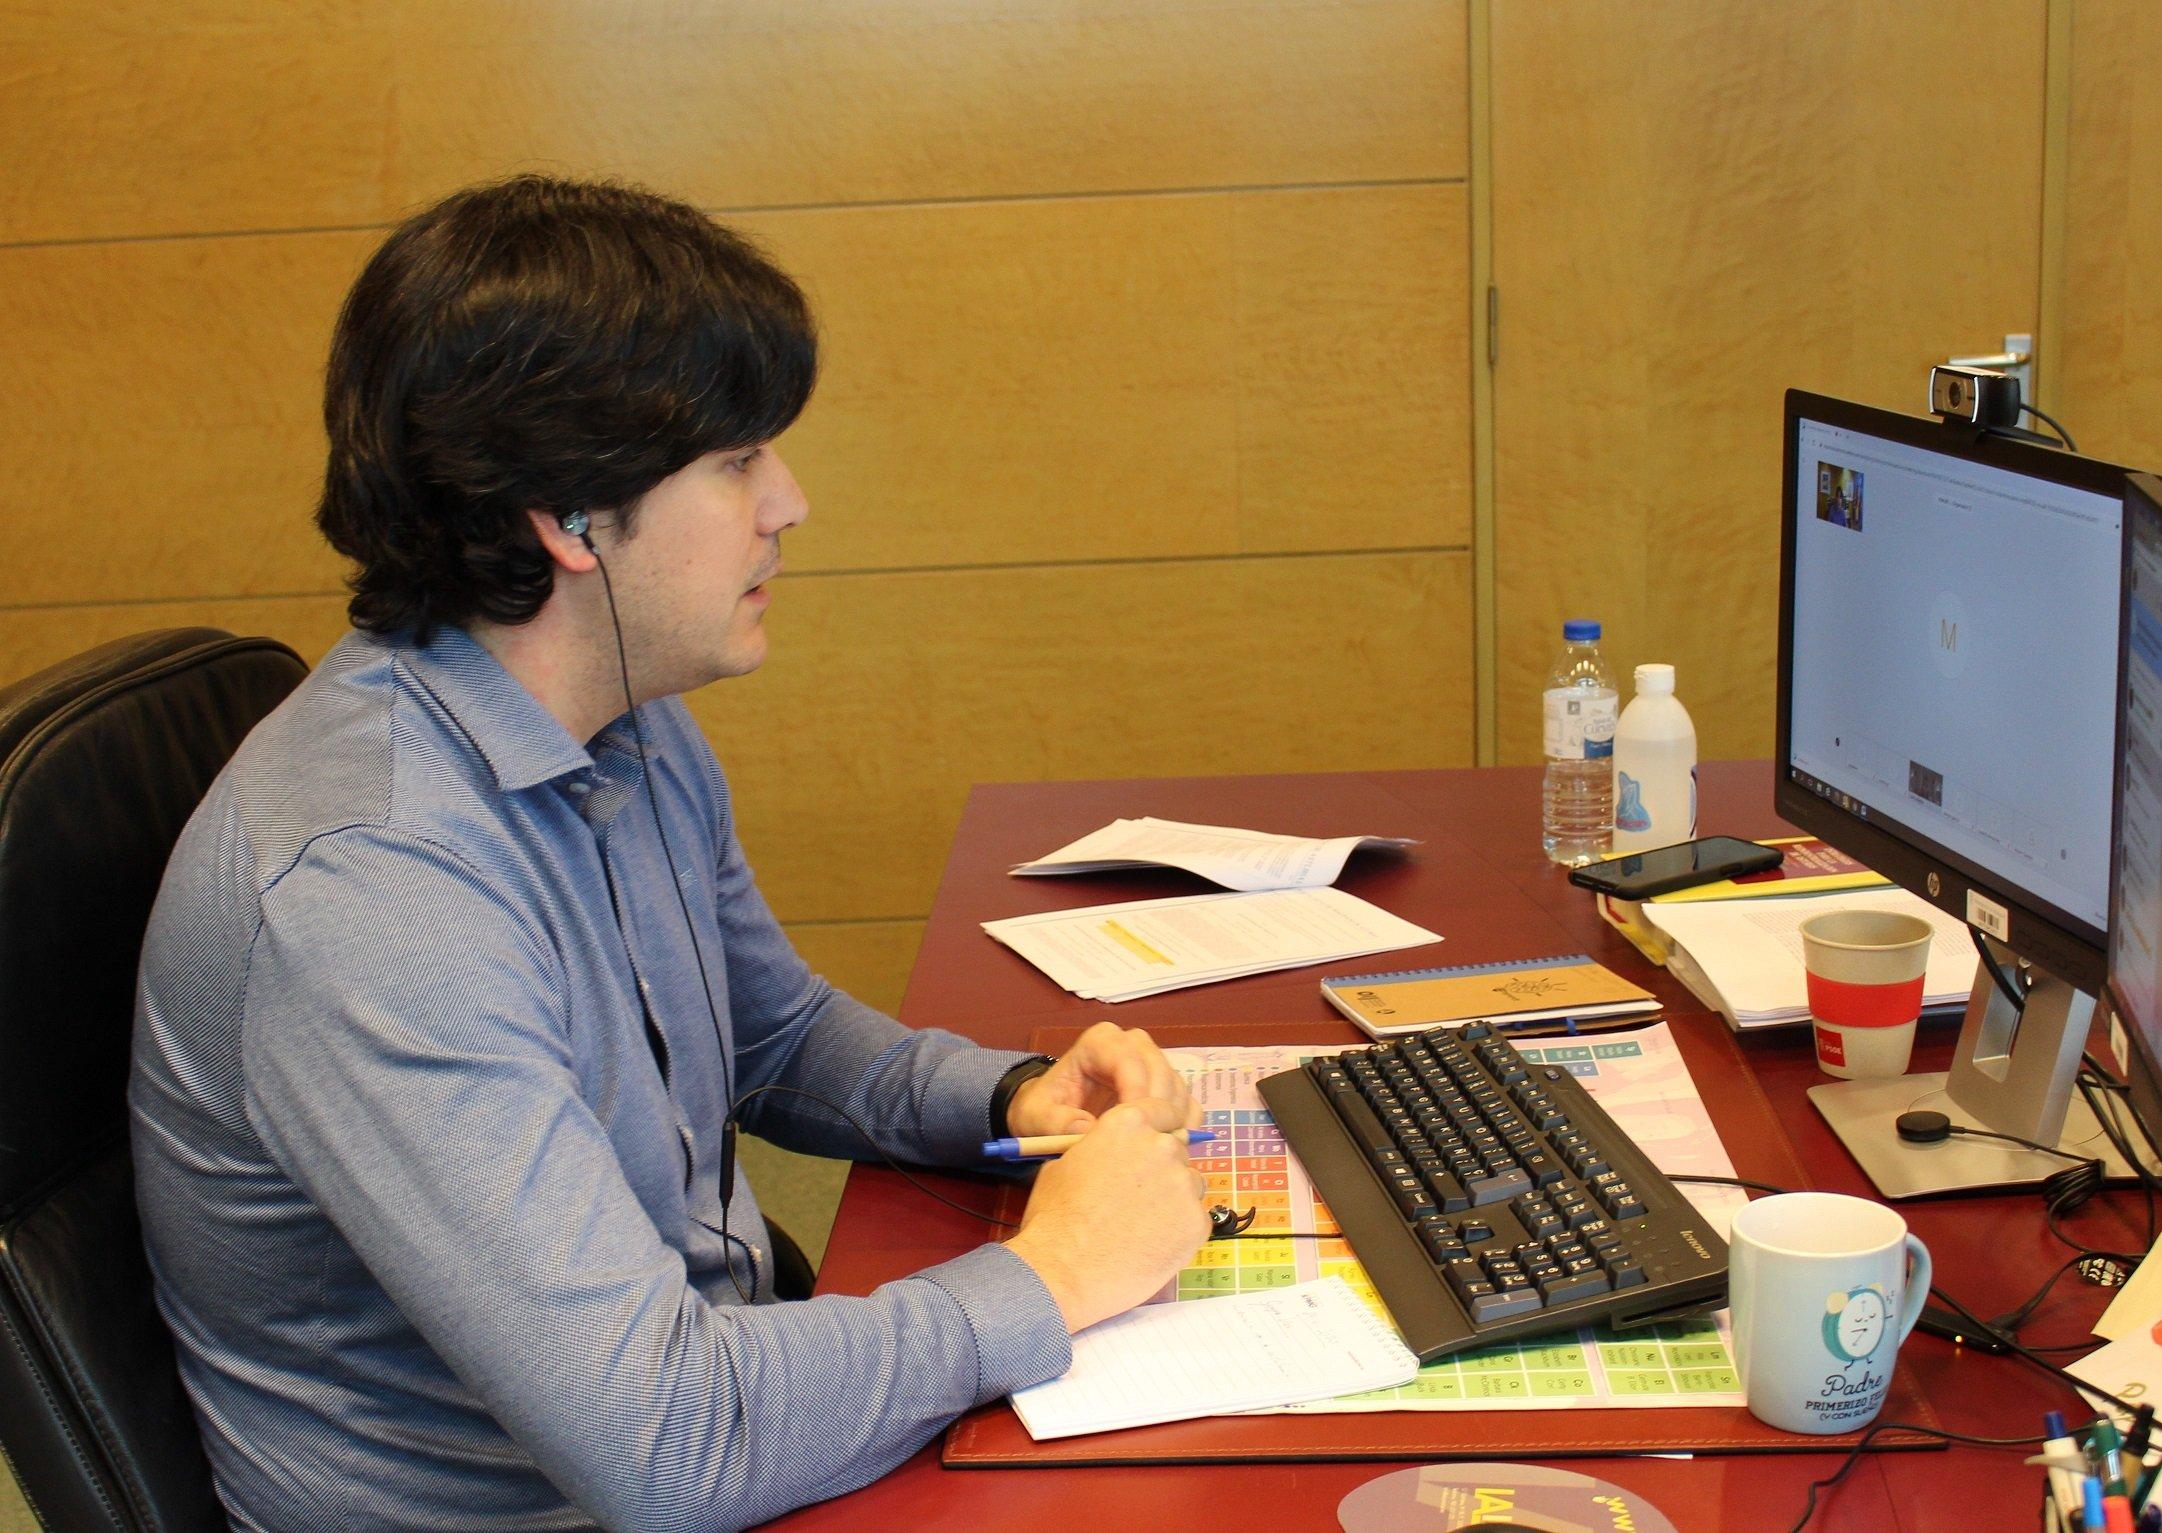 Asturias moviliza más de un centenar de empresas e instituciones en proyectos de investigación e innovación contra la COVID-19